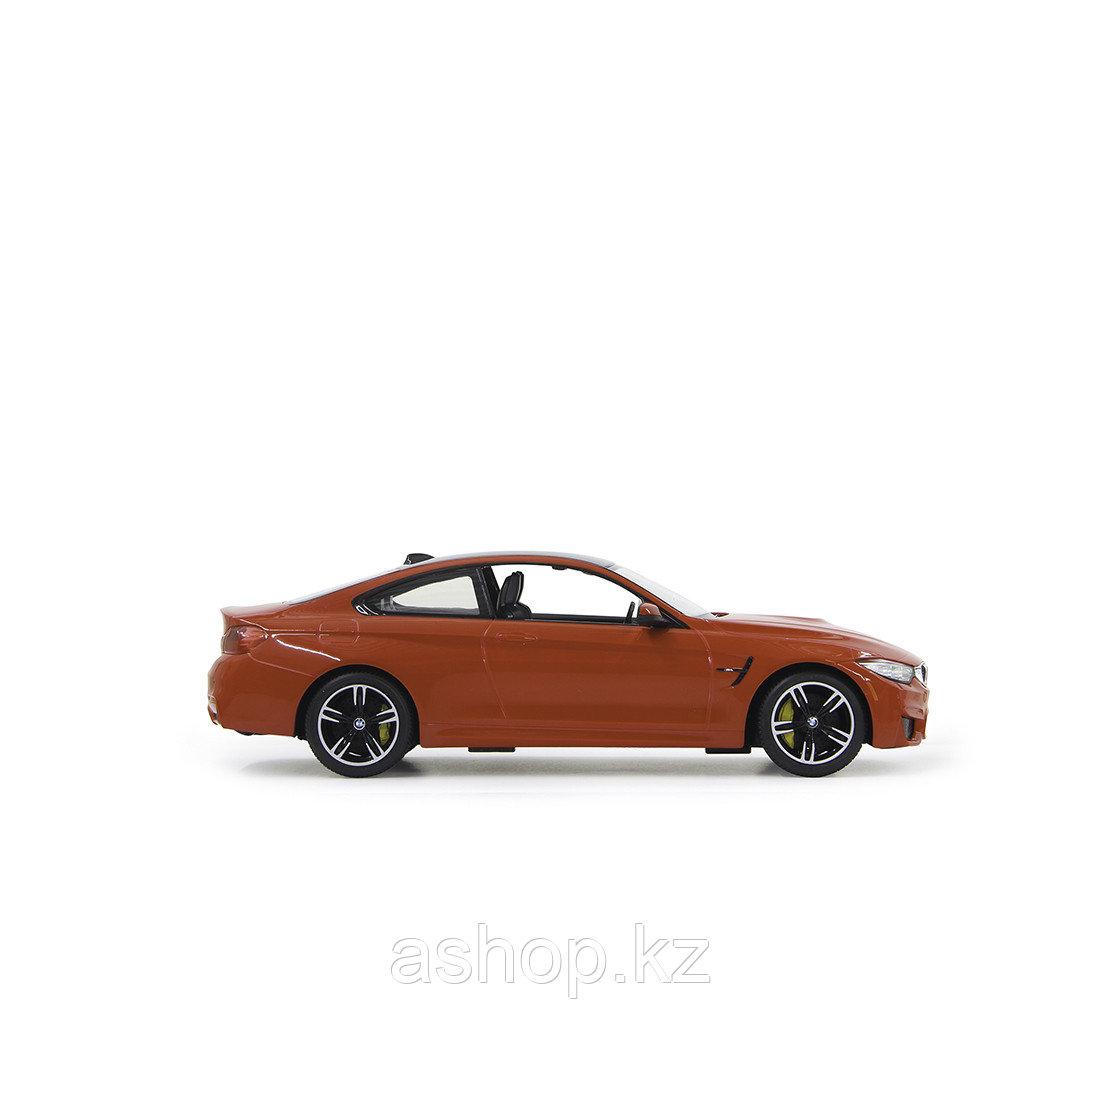 Радиоуправляемая модель автомобиль Rastar BMW M4, 1:14, Управление: Джойстик, Материал: Пластик, Цвет: Красный